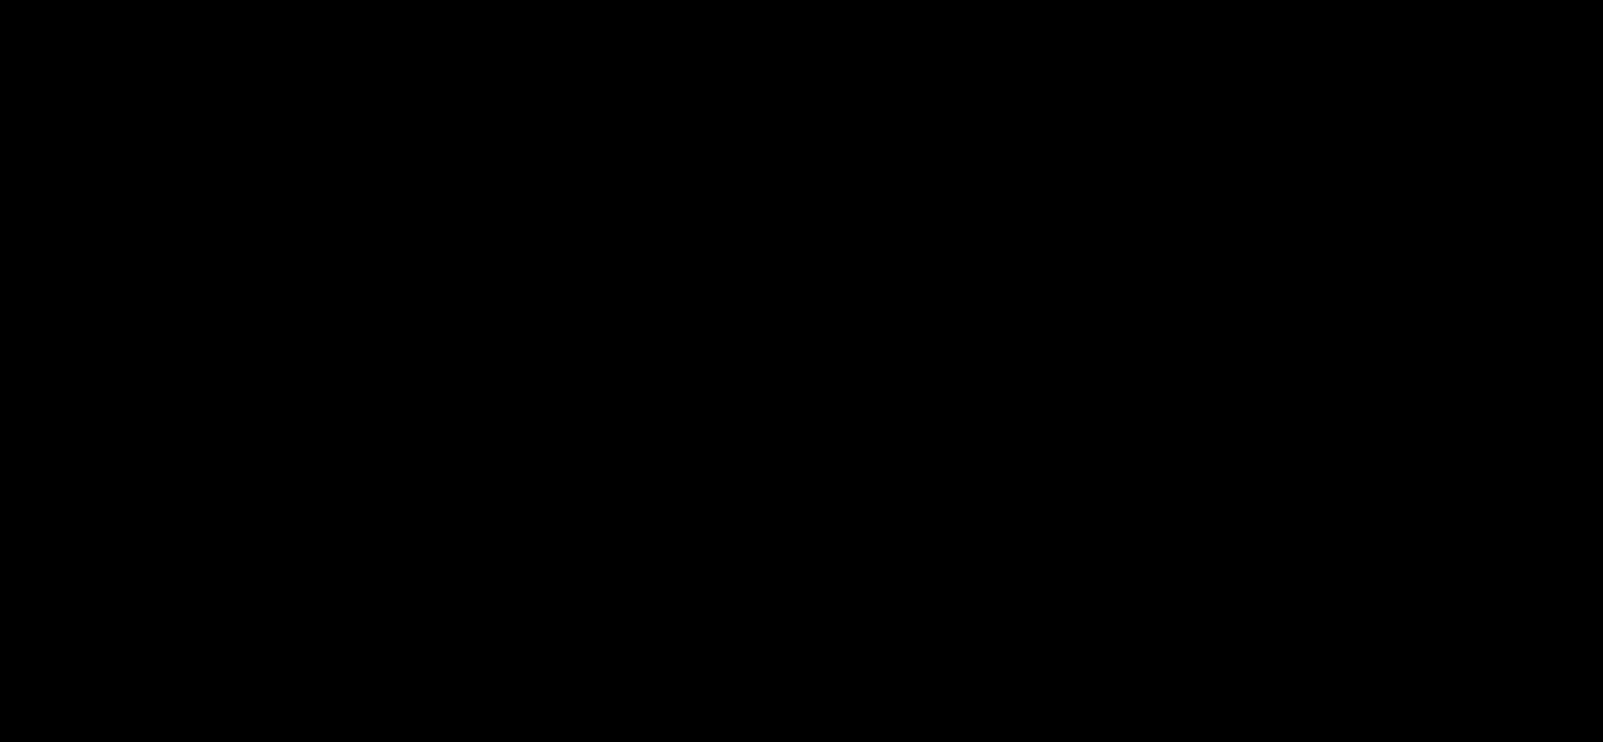 Atlas Vector PNG - 112611